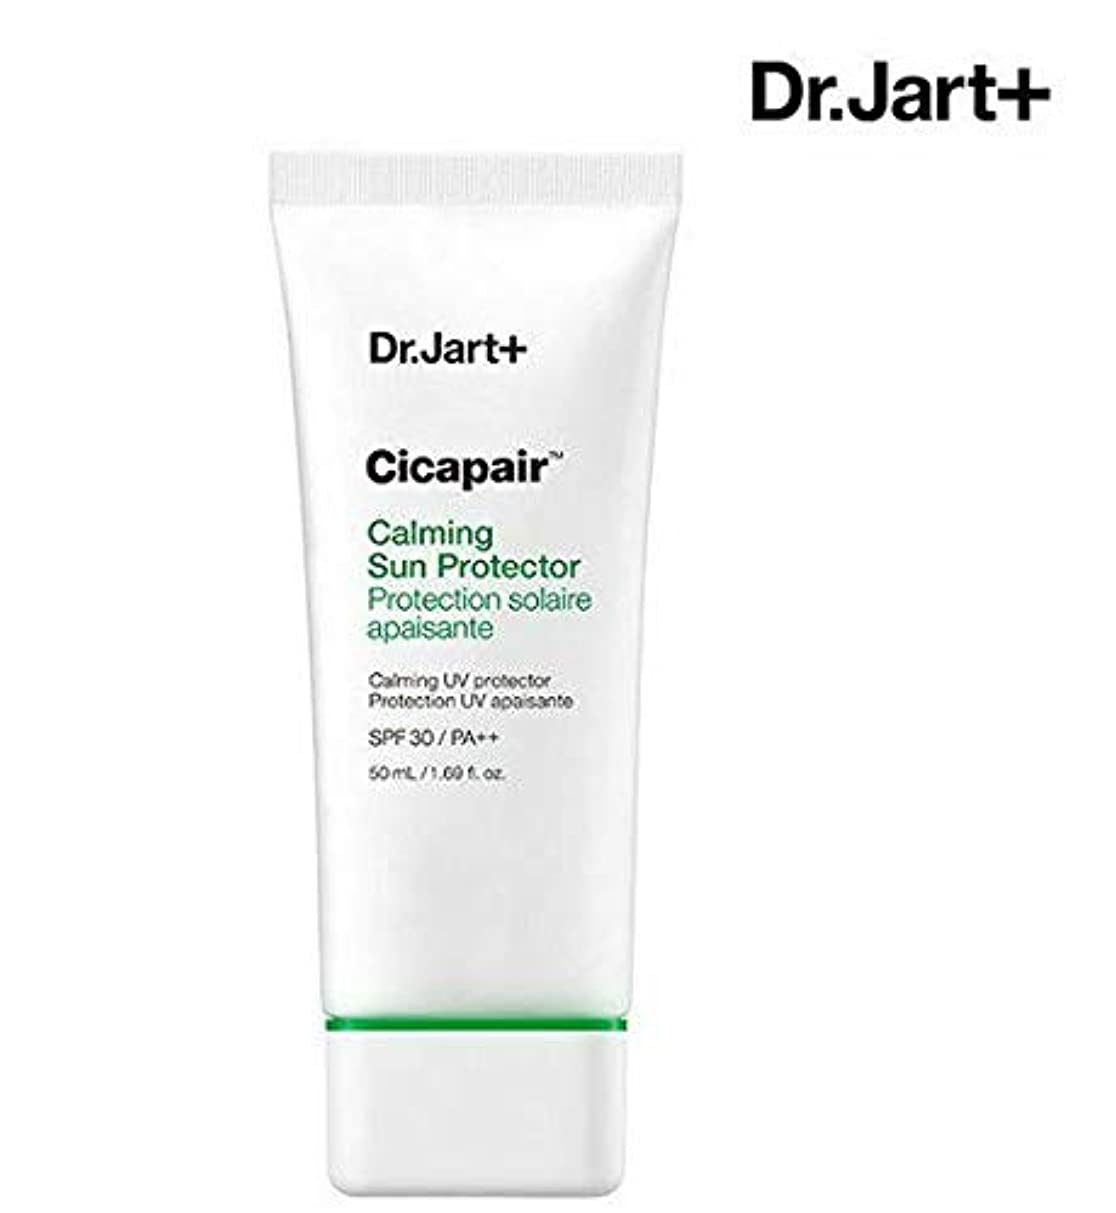 電圧車両良さ[Dr.Jart+] Cicapair Calming Sun Protector 50ml / シカペアカミングサンプロテクター50ml [並行輸入品]